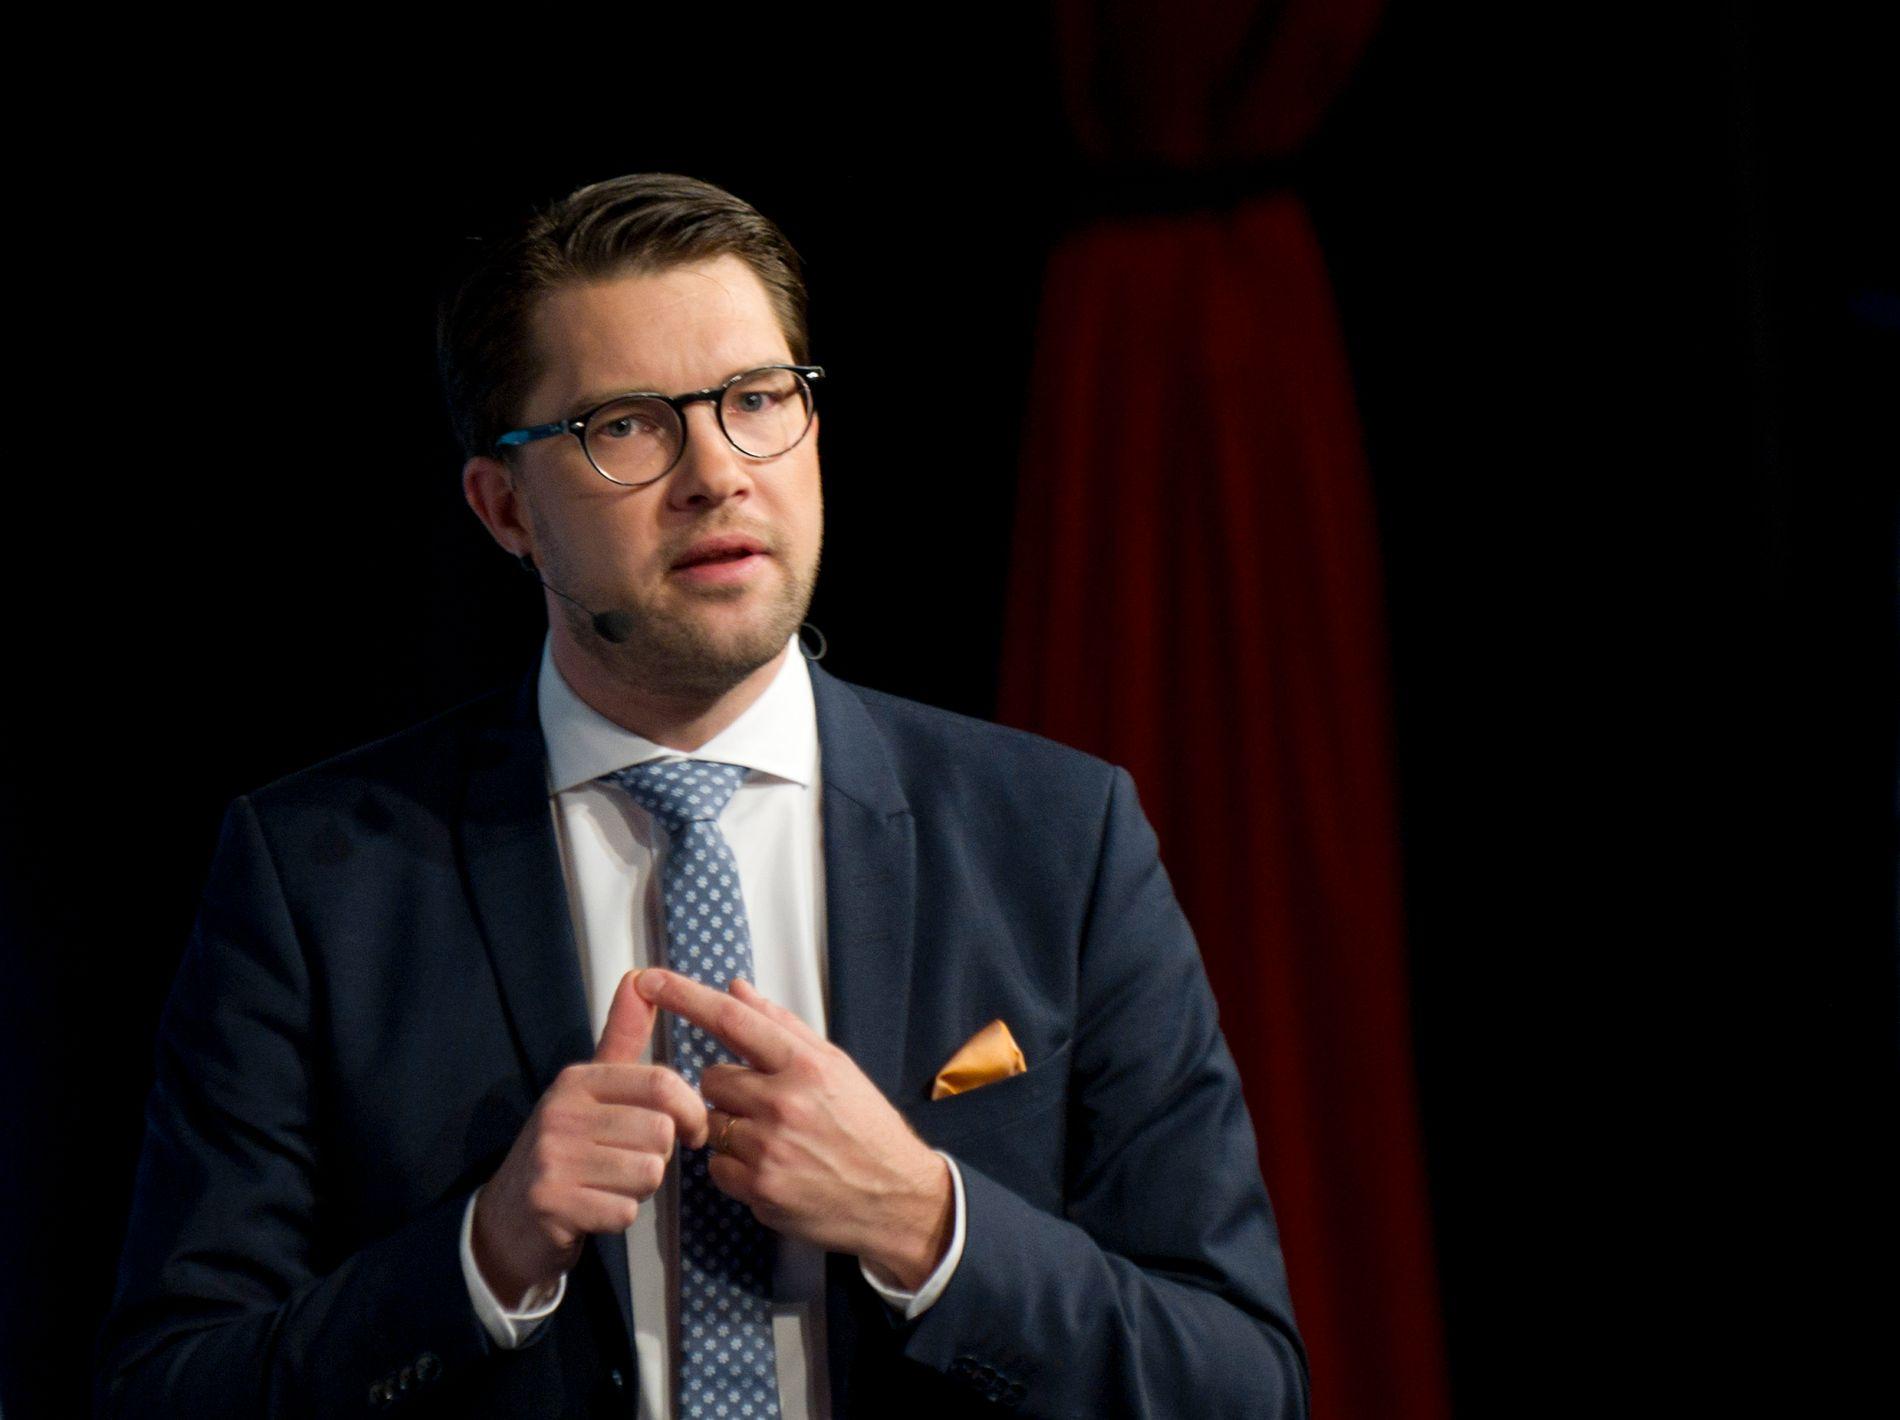 RADIKAL: – Sverigedemokraterna profilerer seg nesten utelukkande på sin motstand mot innvandring. Jimmie Åkessons parti har ei ekstrem fortid, og ei rekkje av dei som var med på å skipe partiet var medlemmer av nazistiske rørsler, skriv Morten Myksvoll.